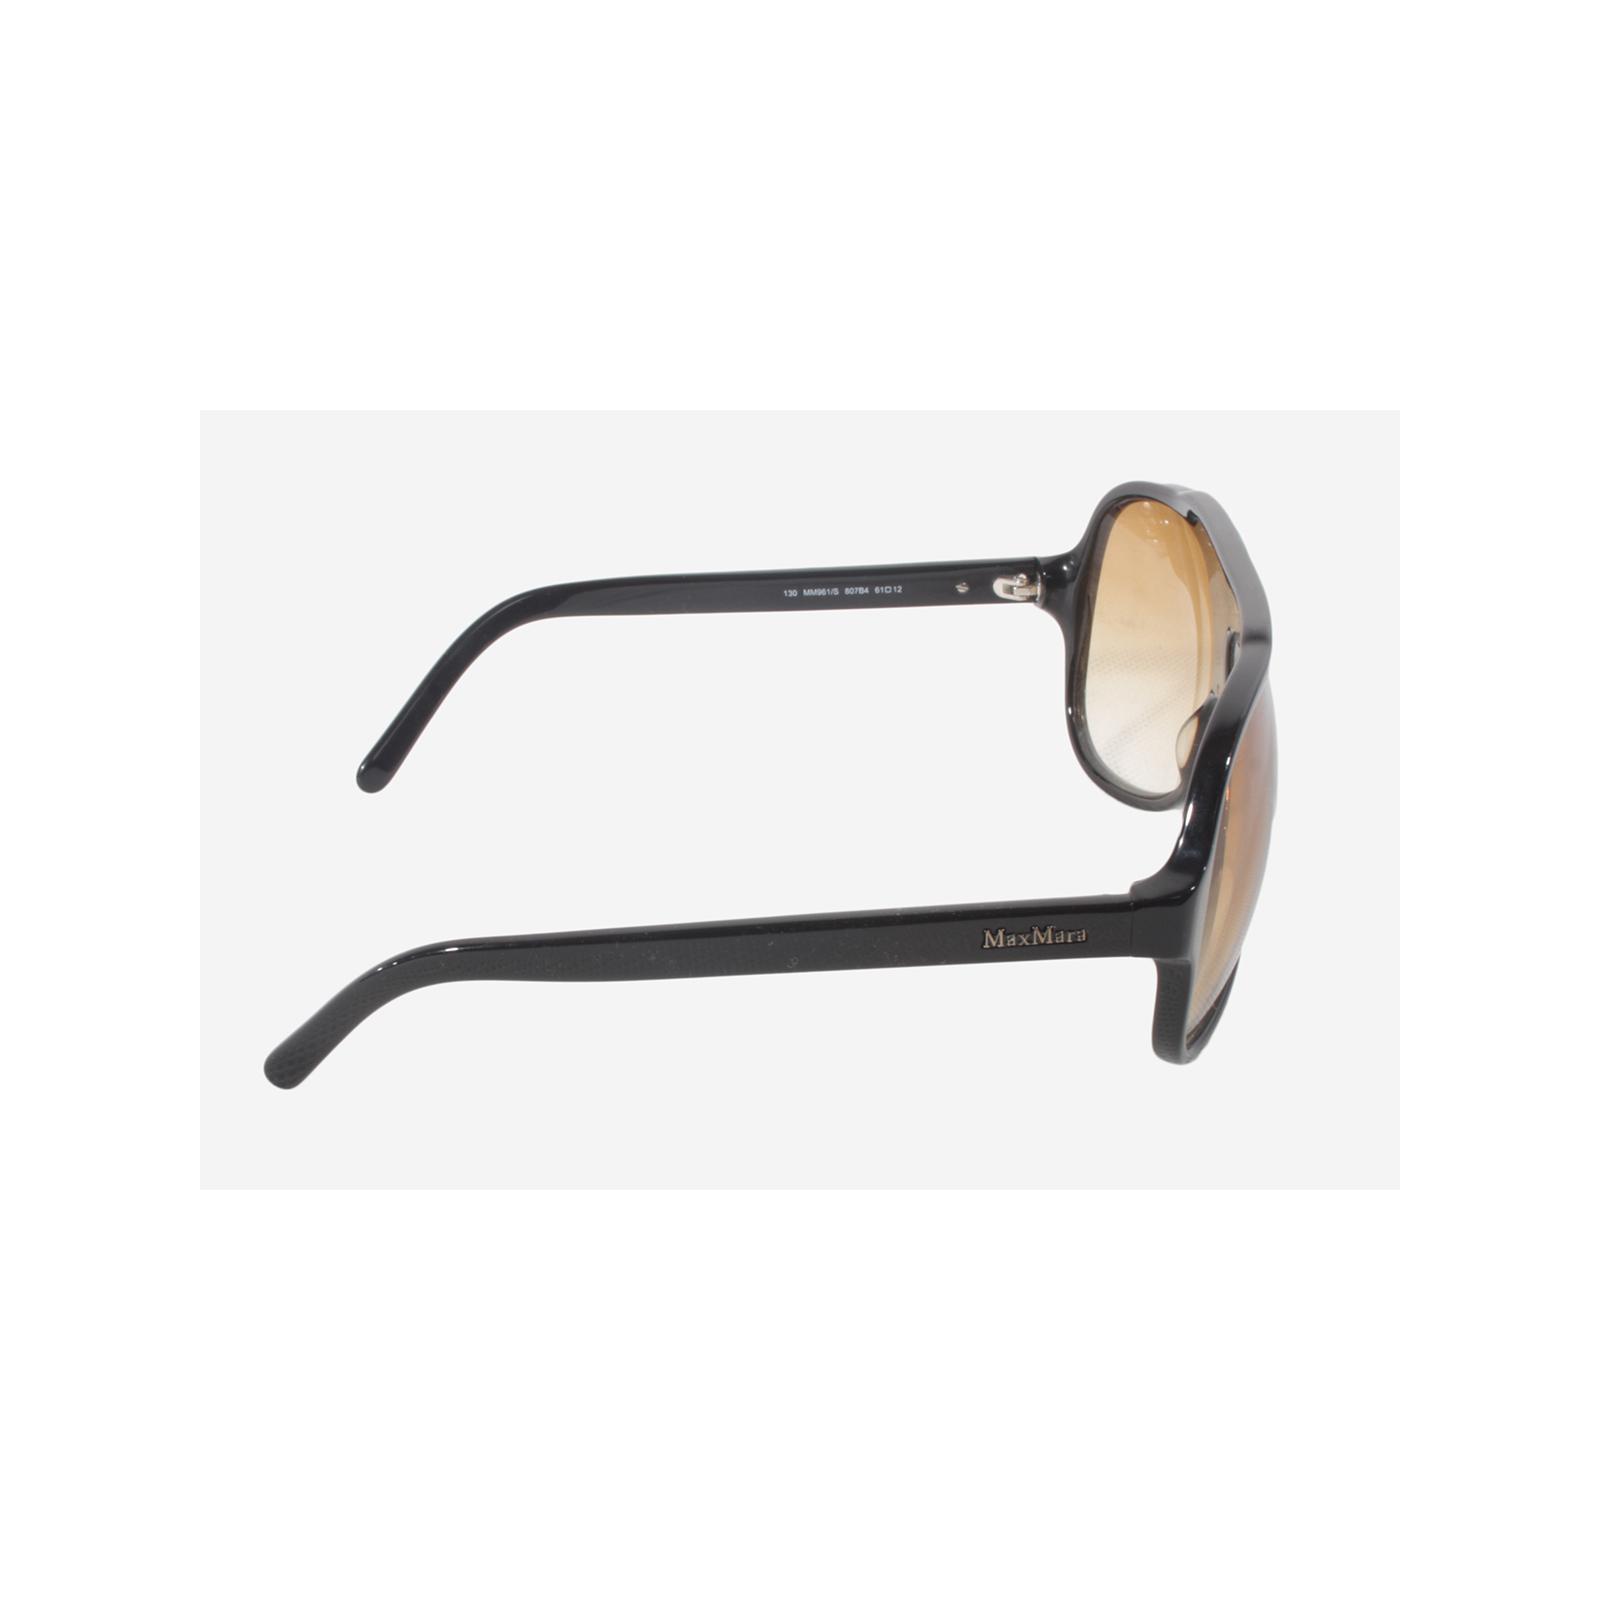 MaxMara okulary